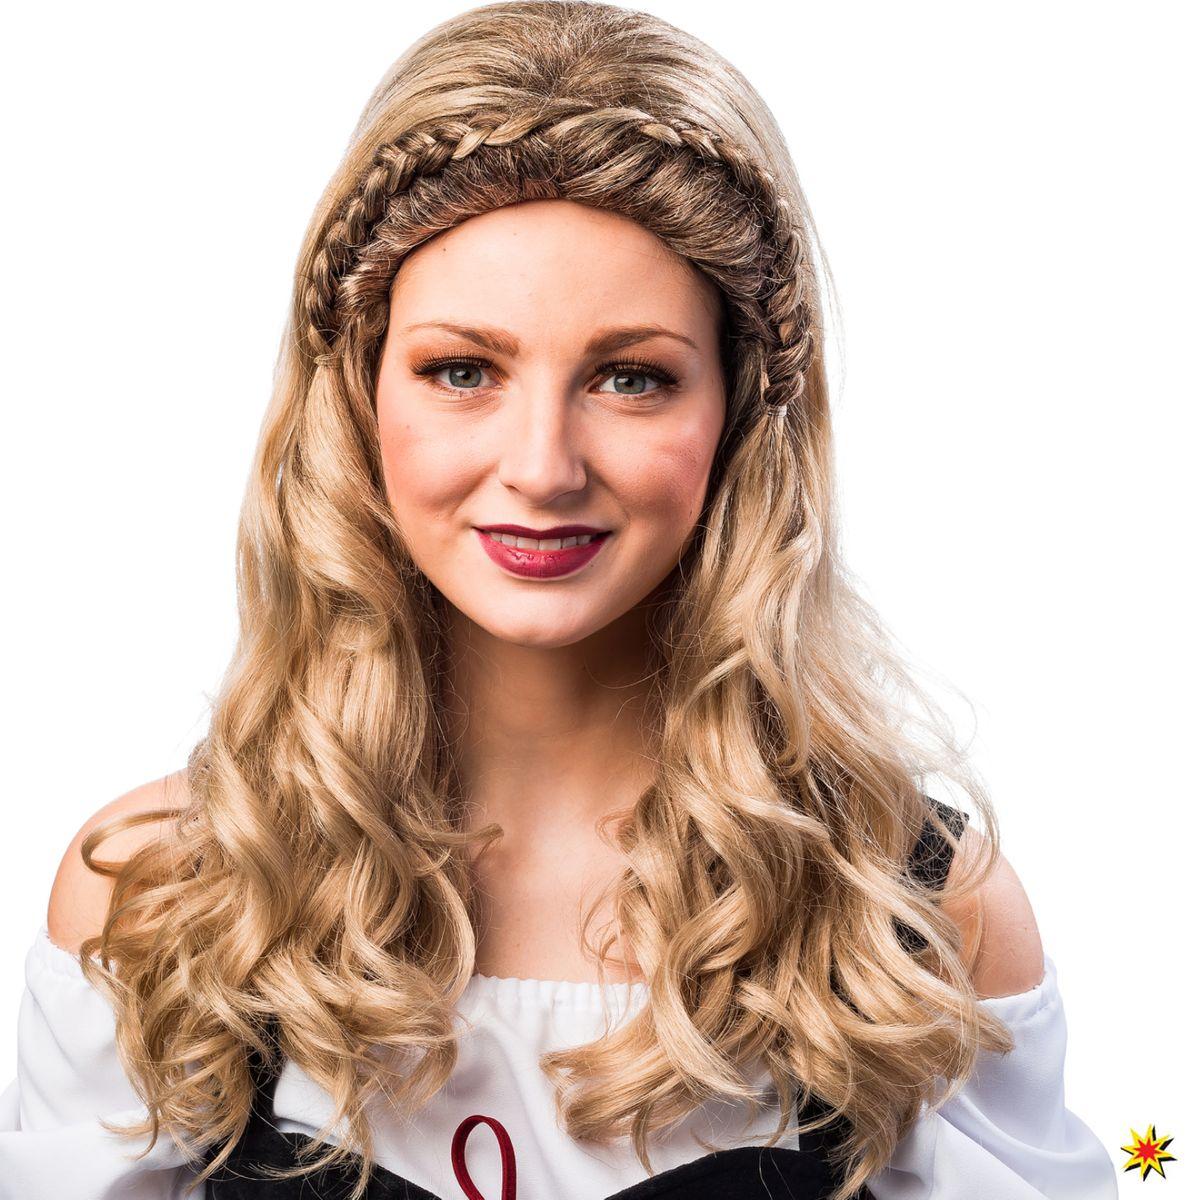 7561121c026862 Oktoberfest Perücke Marie blond geflochten Dirndl Tracht Kostüm-Zubehör  Fasching Karneval Wiesn